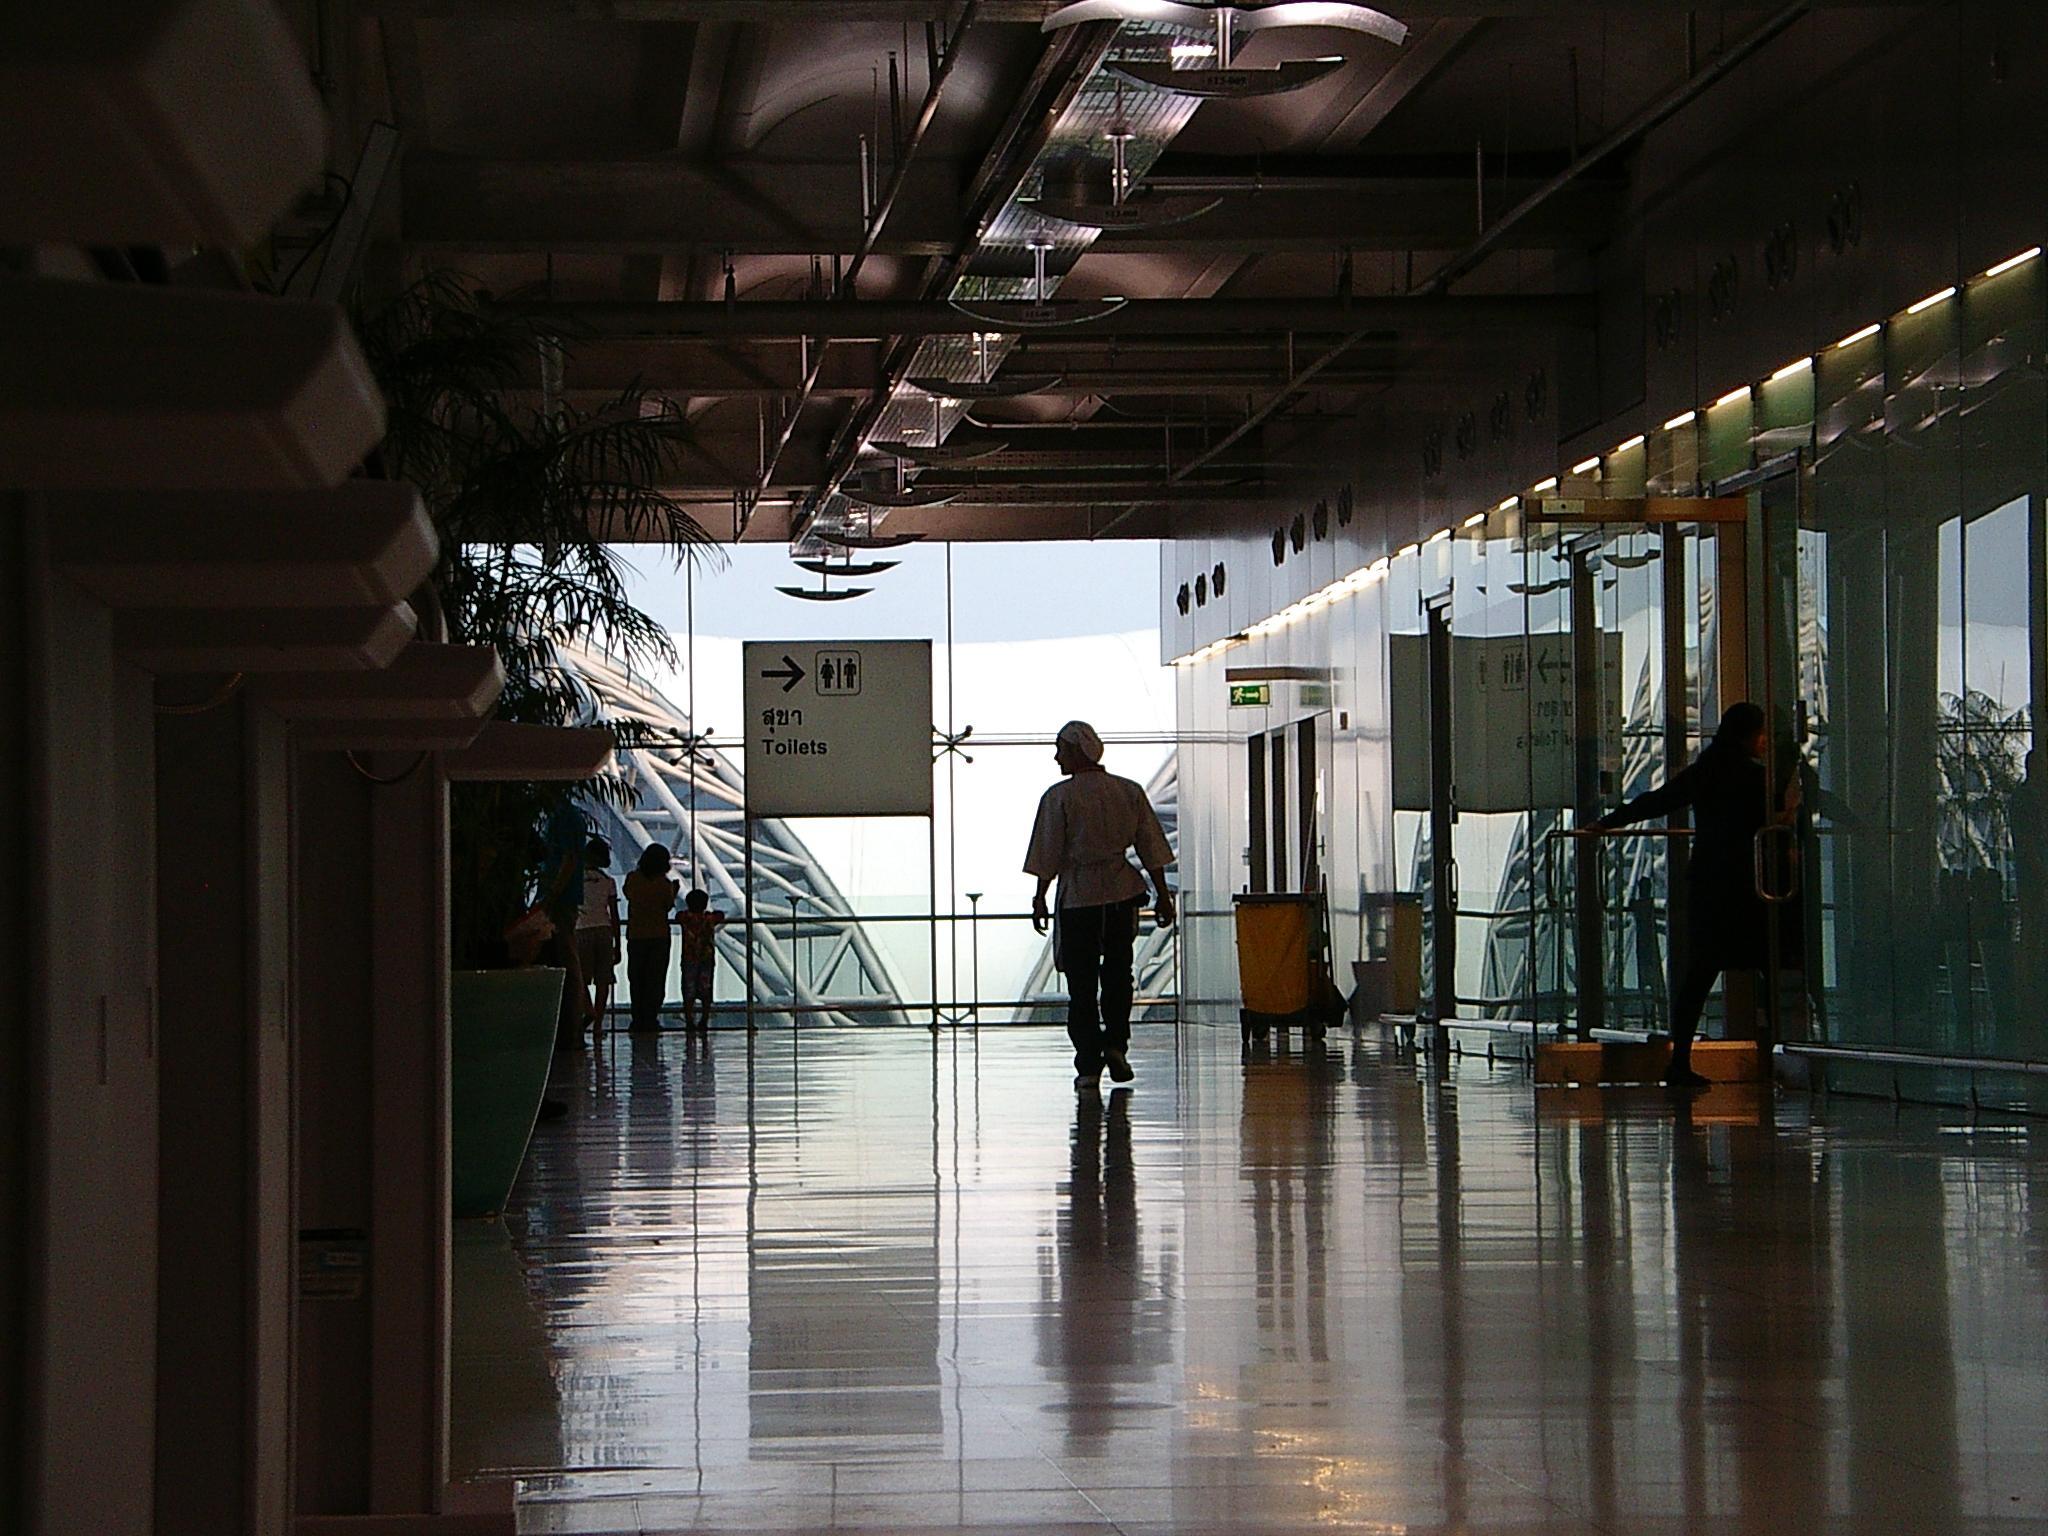 Obras de ampliação e melhorias no aeroporto de Salvador devem ser concluídas até final de 2019, diz empresa